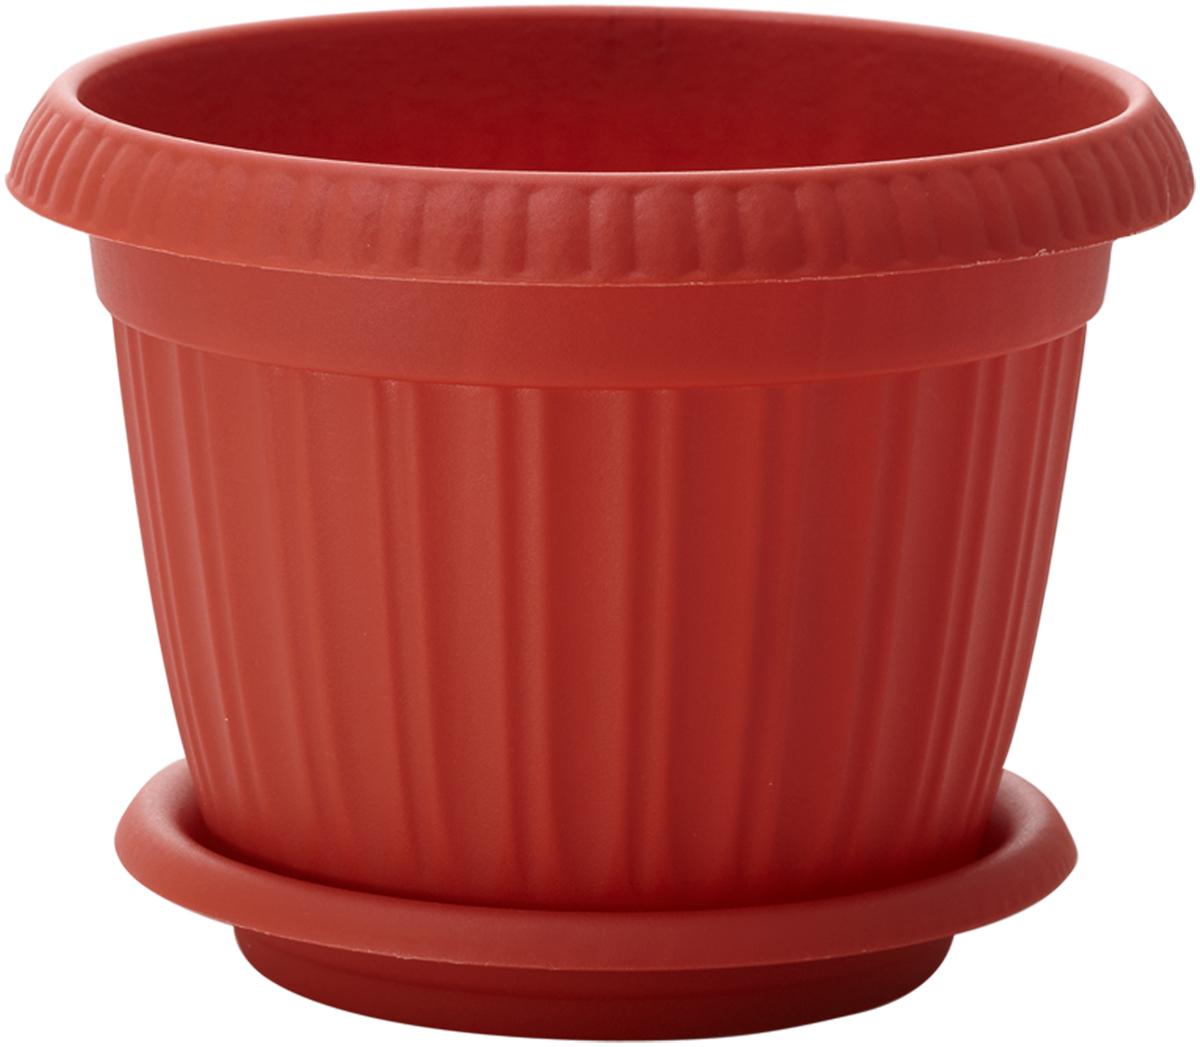 Горшок для цветов InGreen Таити, с подставкой, цвет: терракотовый, диаметр 28 смZ-0307Горшок InGreen Таити выполнен из высококачественного пластика и предназначен для выращивания цветов, растений и трав. Снабжен подставкой для стока воды.Такой горшок порадует вас функциональностью, а благодаря лаконичному дизайну впишется в любой интерьер помещения.Диаметр горшка (по верхнему краю): 28 см. Высота горшка: 21,5 см. Диаметр подставки: 23 см.